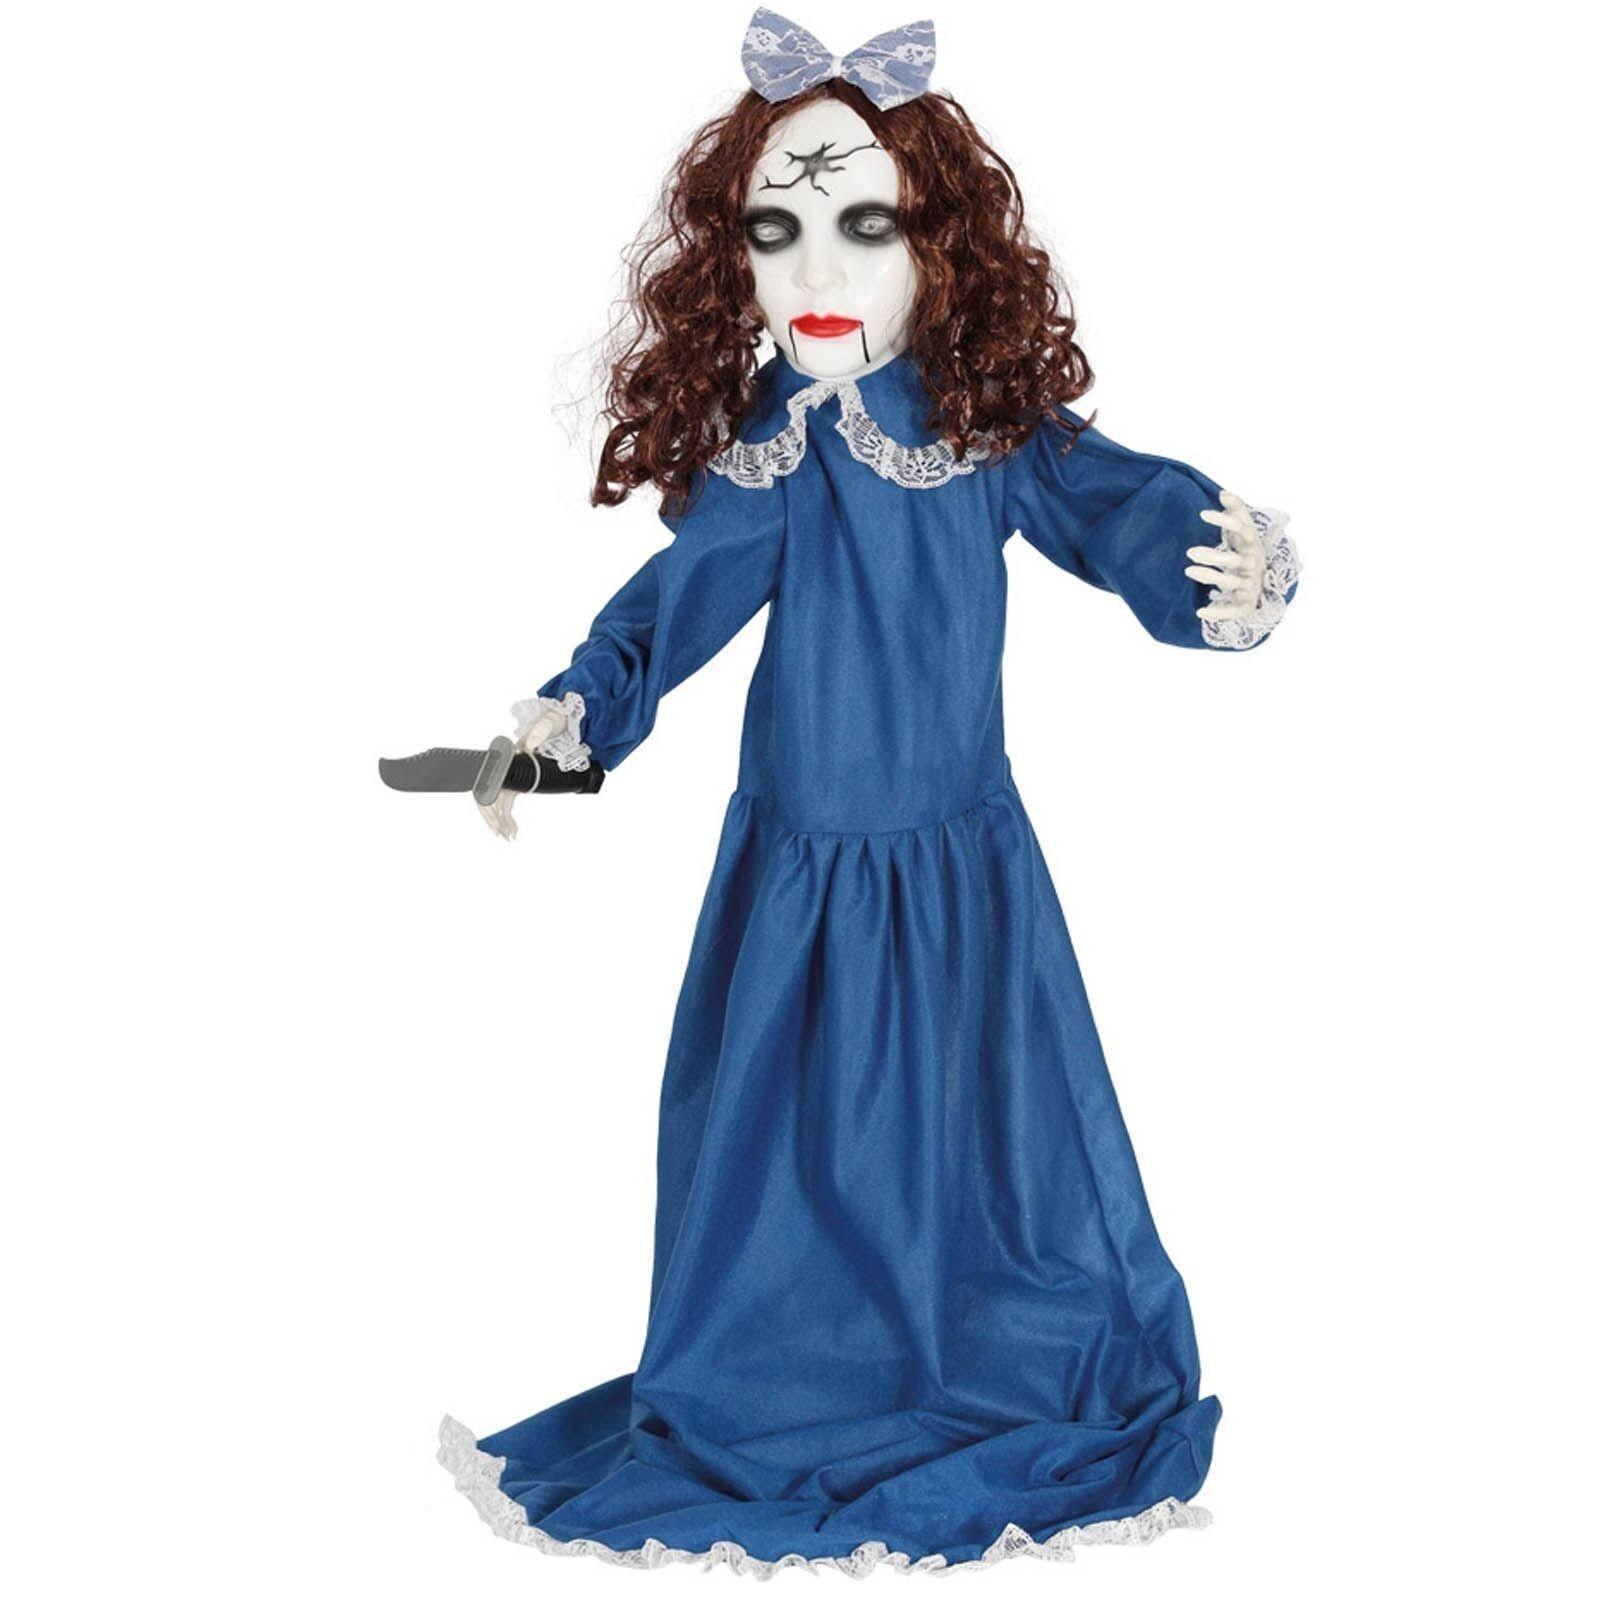 Bambola assassina con luce suono movimento decorazioni HALLOWEEN 90 cm cm cm 26063 c2c56a